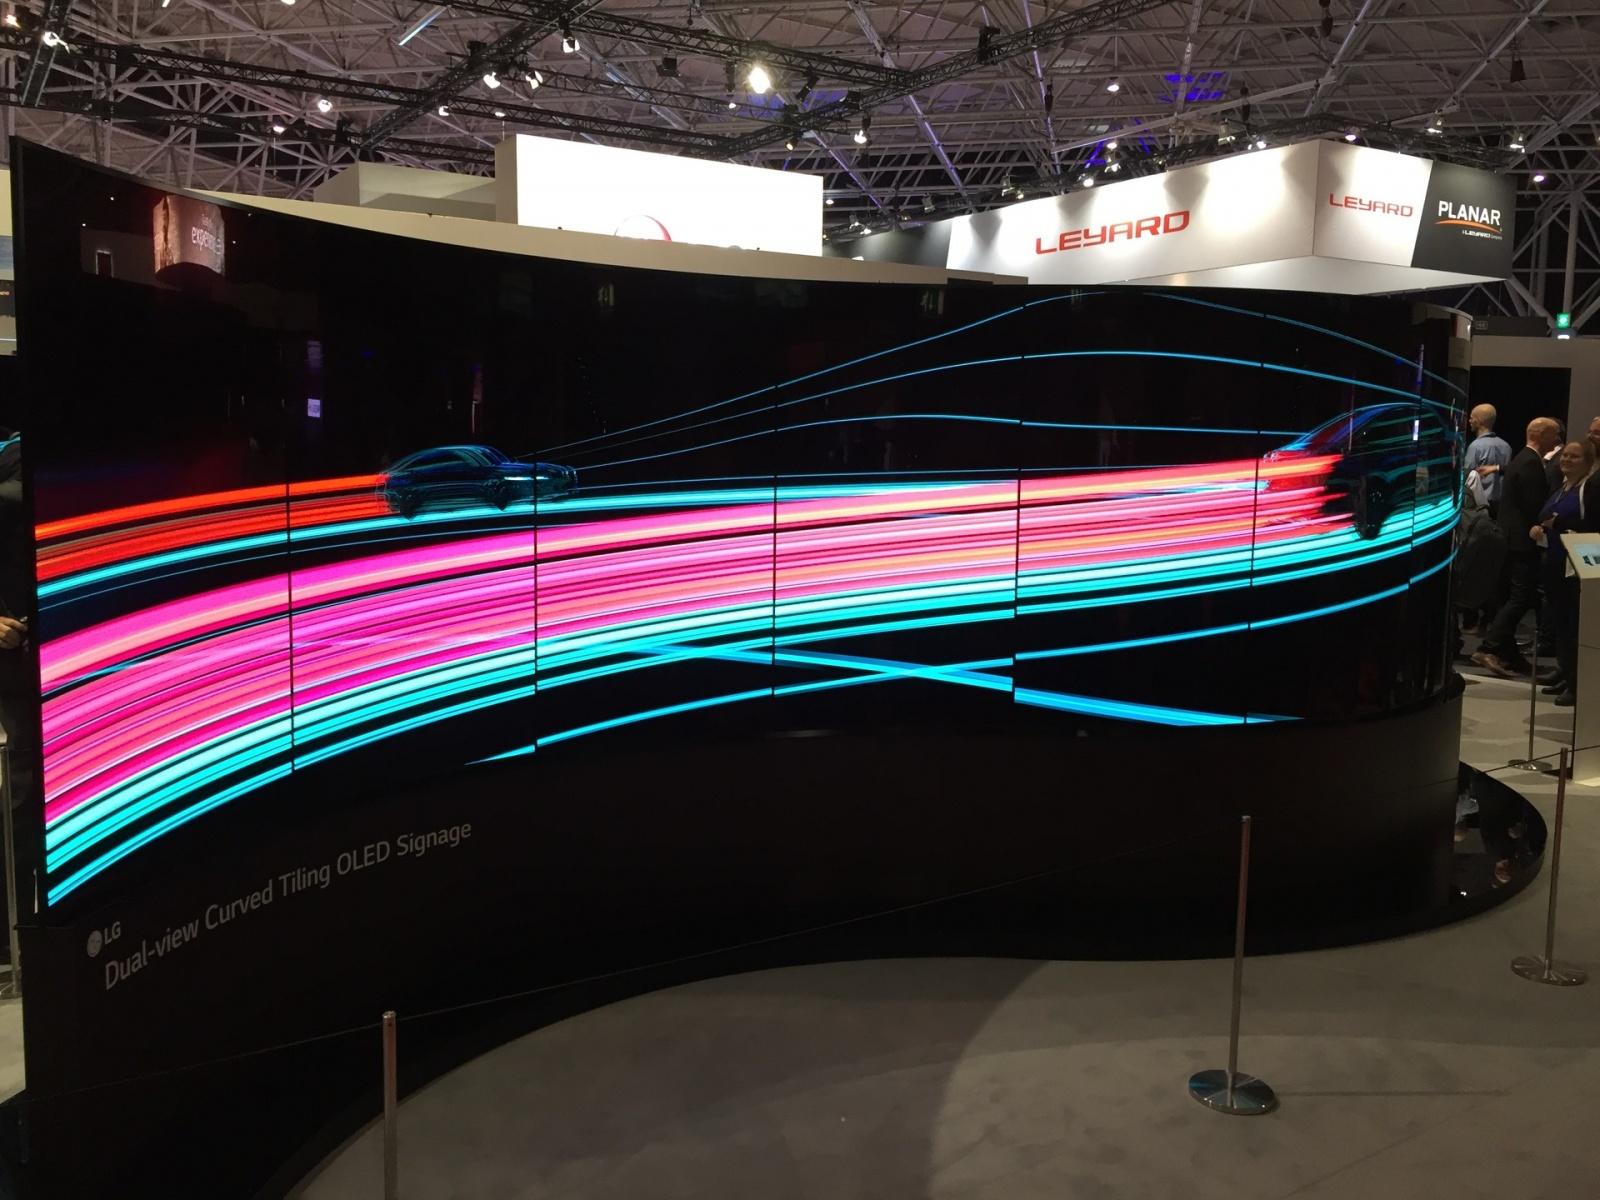 Что было на выставке ISE-2017 (средства отображения, светодиоды, софт для экранов) - 2